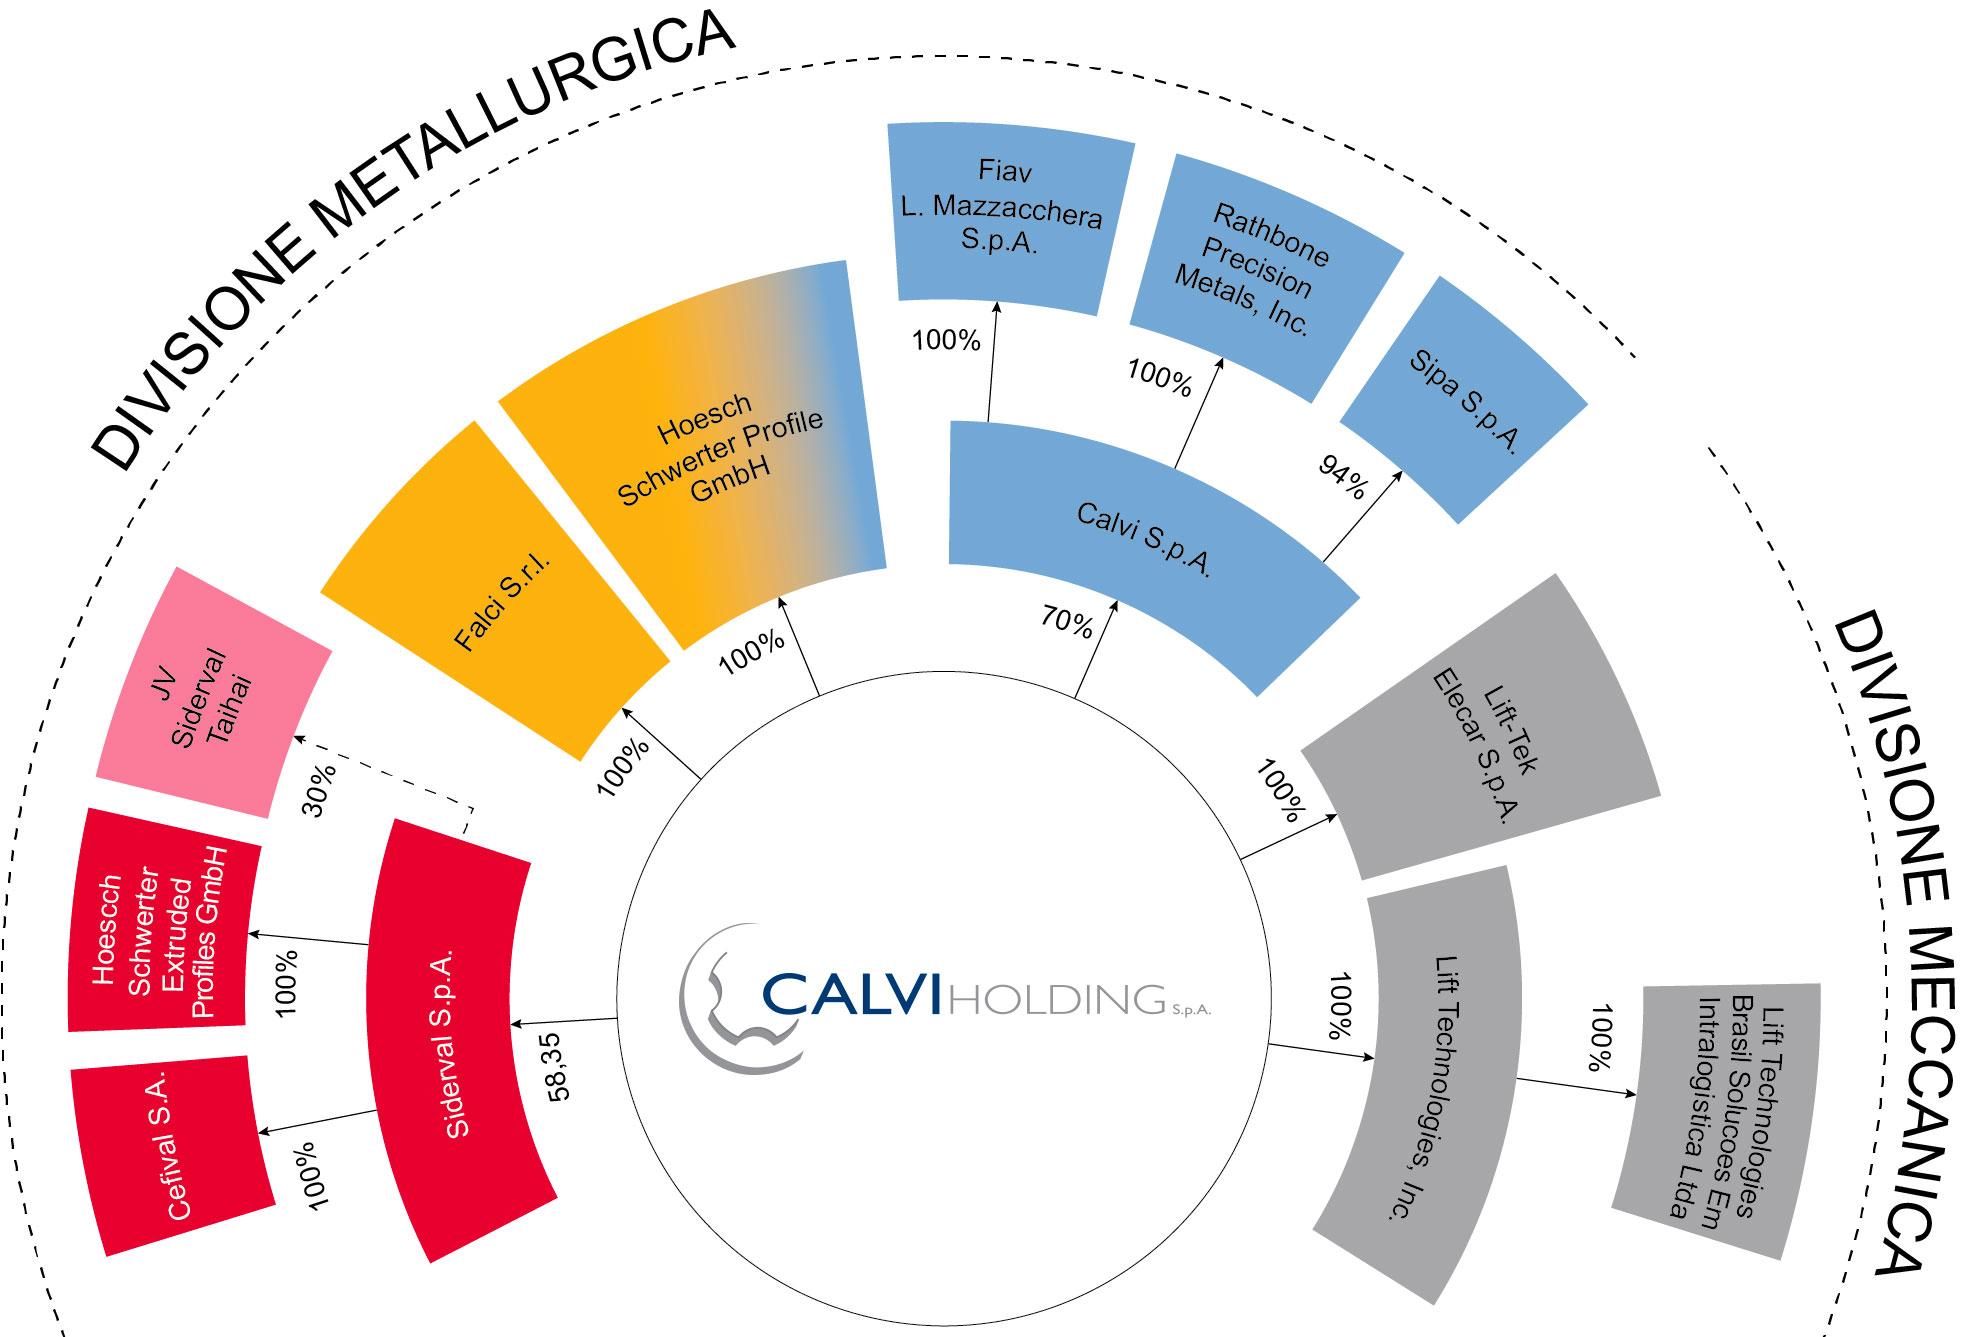 Calvi Holding S.p.A. consolida 10 aziende operanti in due grandi comparti, quello metallurgico e quello meccanico